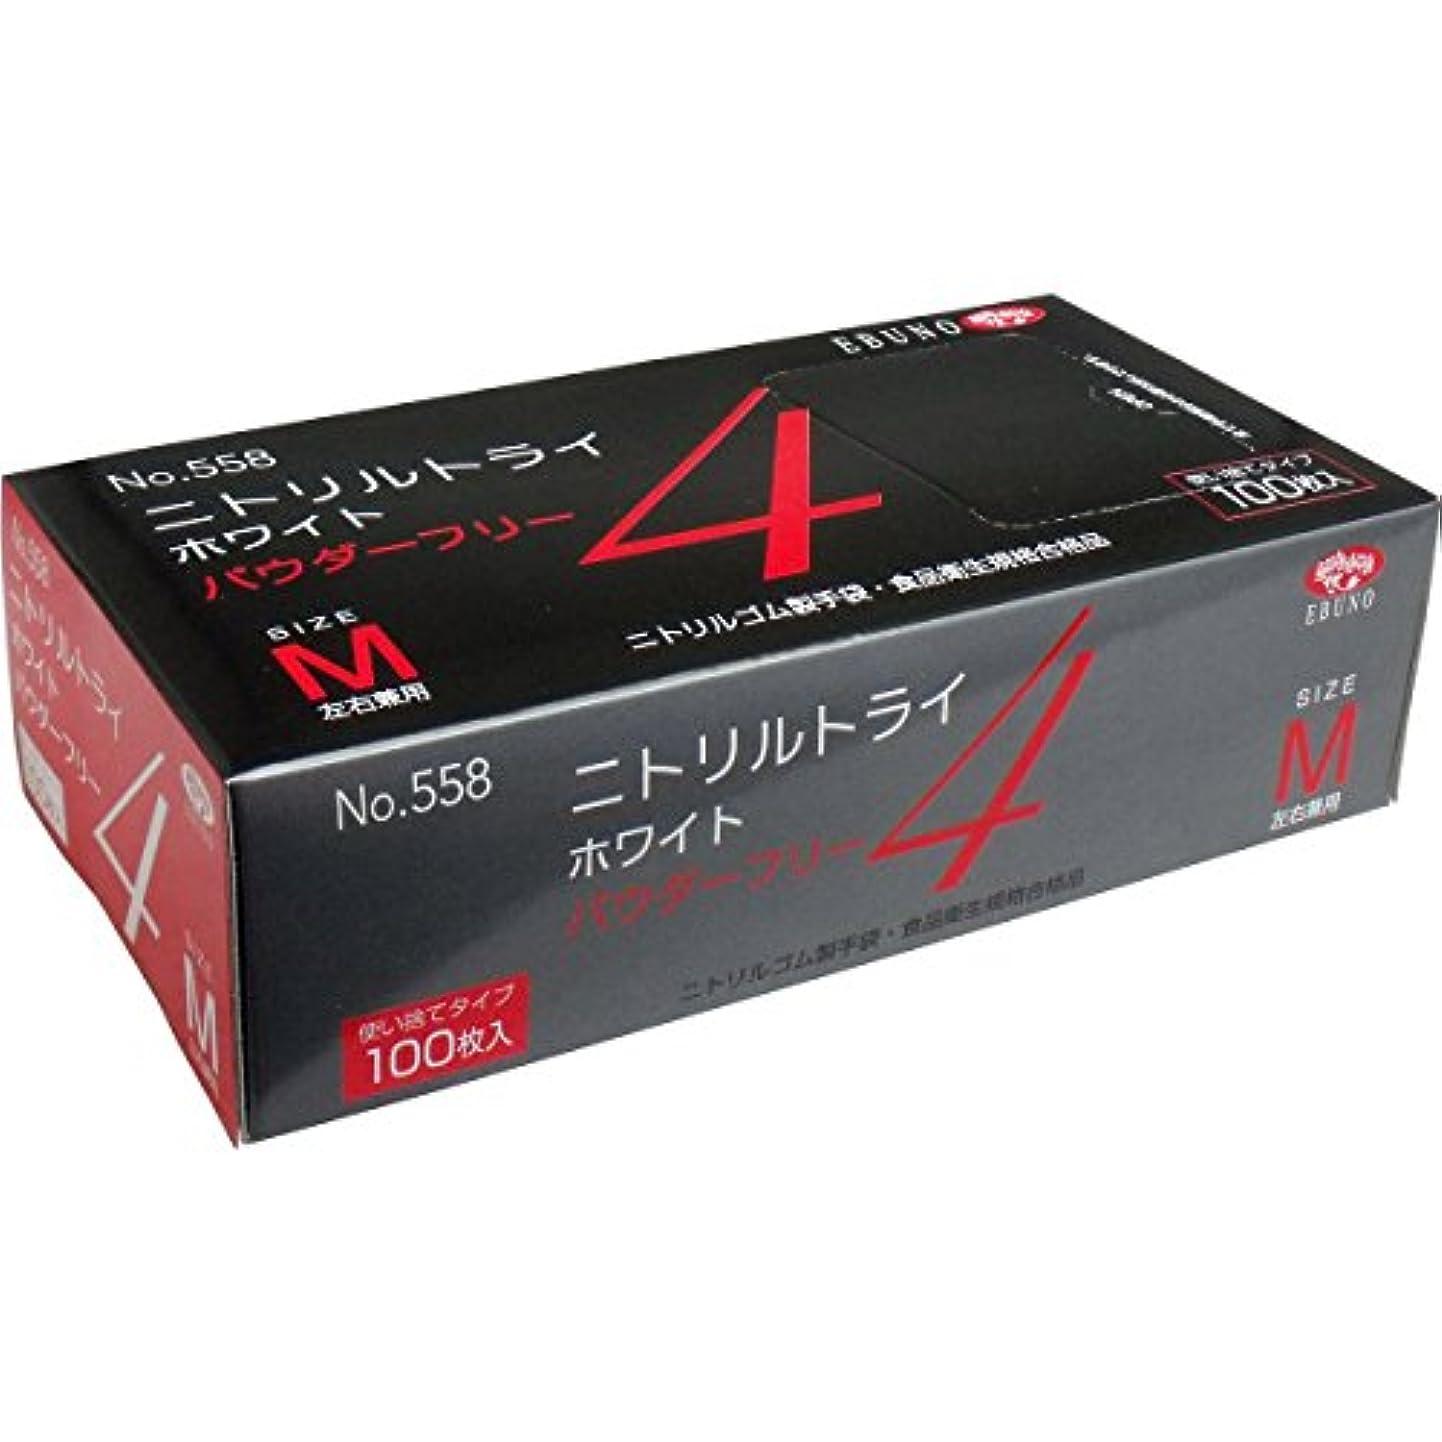 ニトリルトライ4 手袋 ホワイト パウダーフリー Mサイズ 100枚入×2個セット